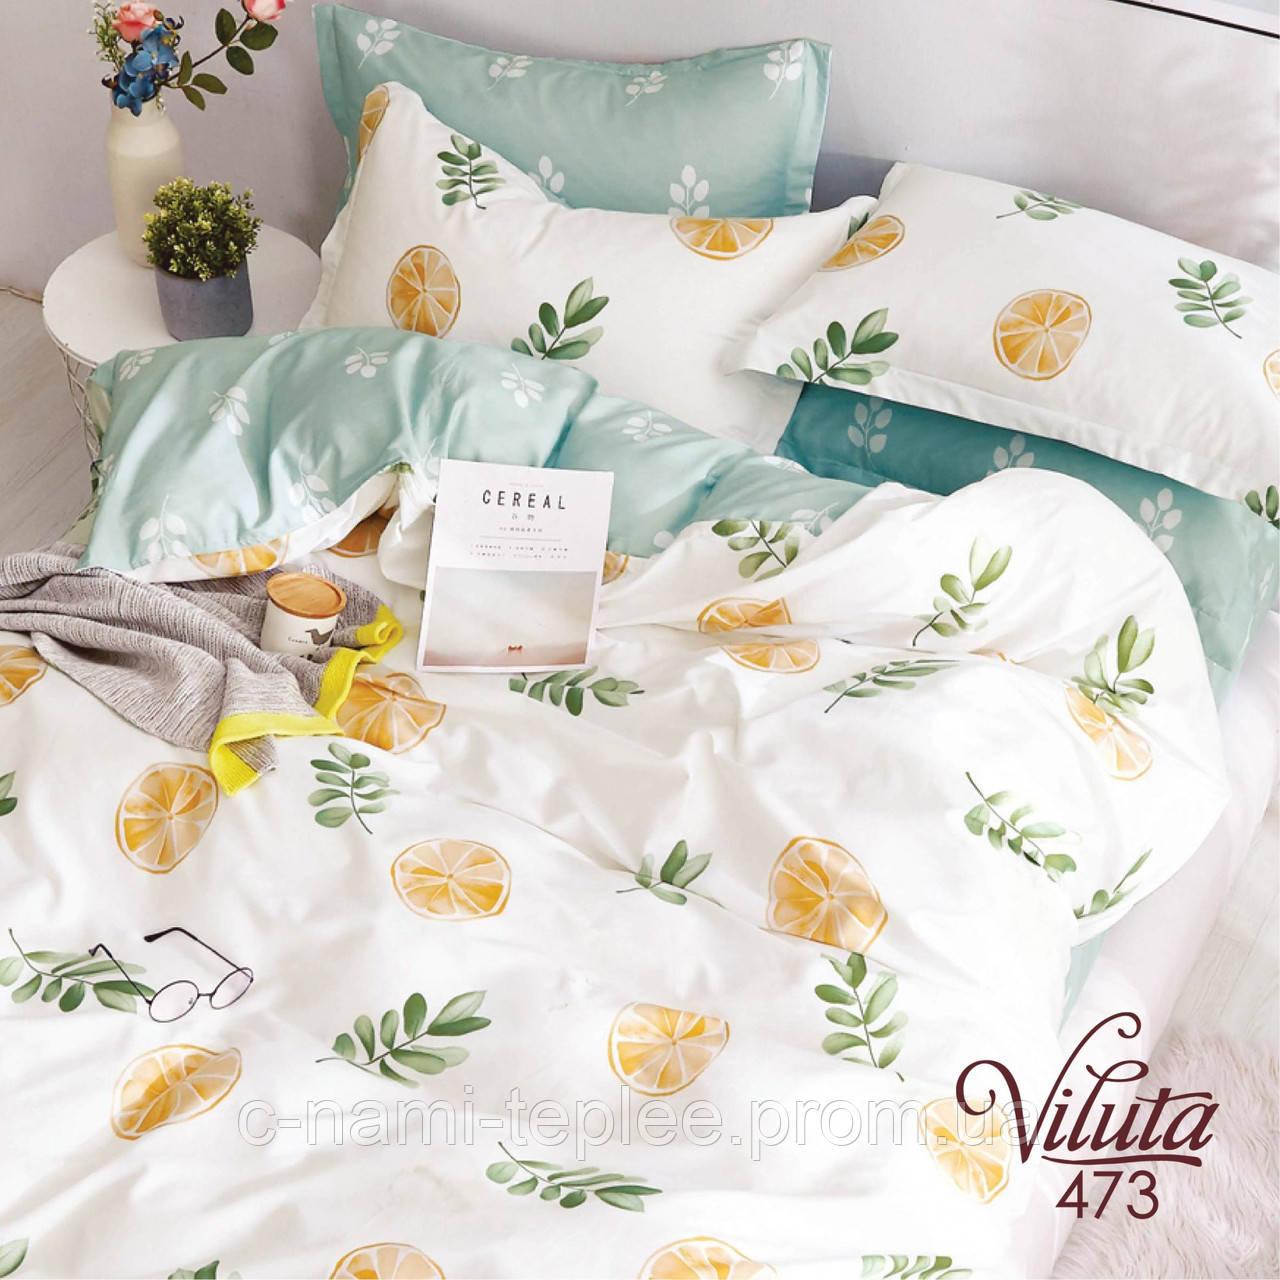 Постельное белье сатин Viluta (473) двуспальное - евро 240х220 см